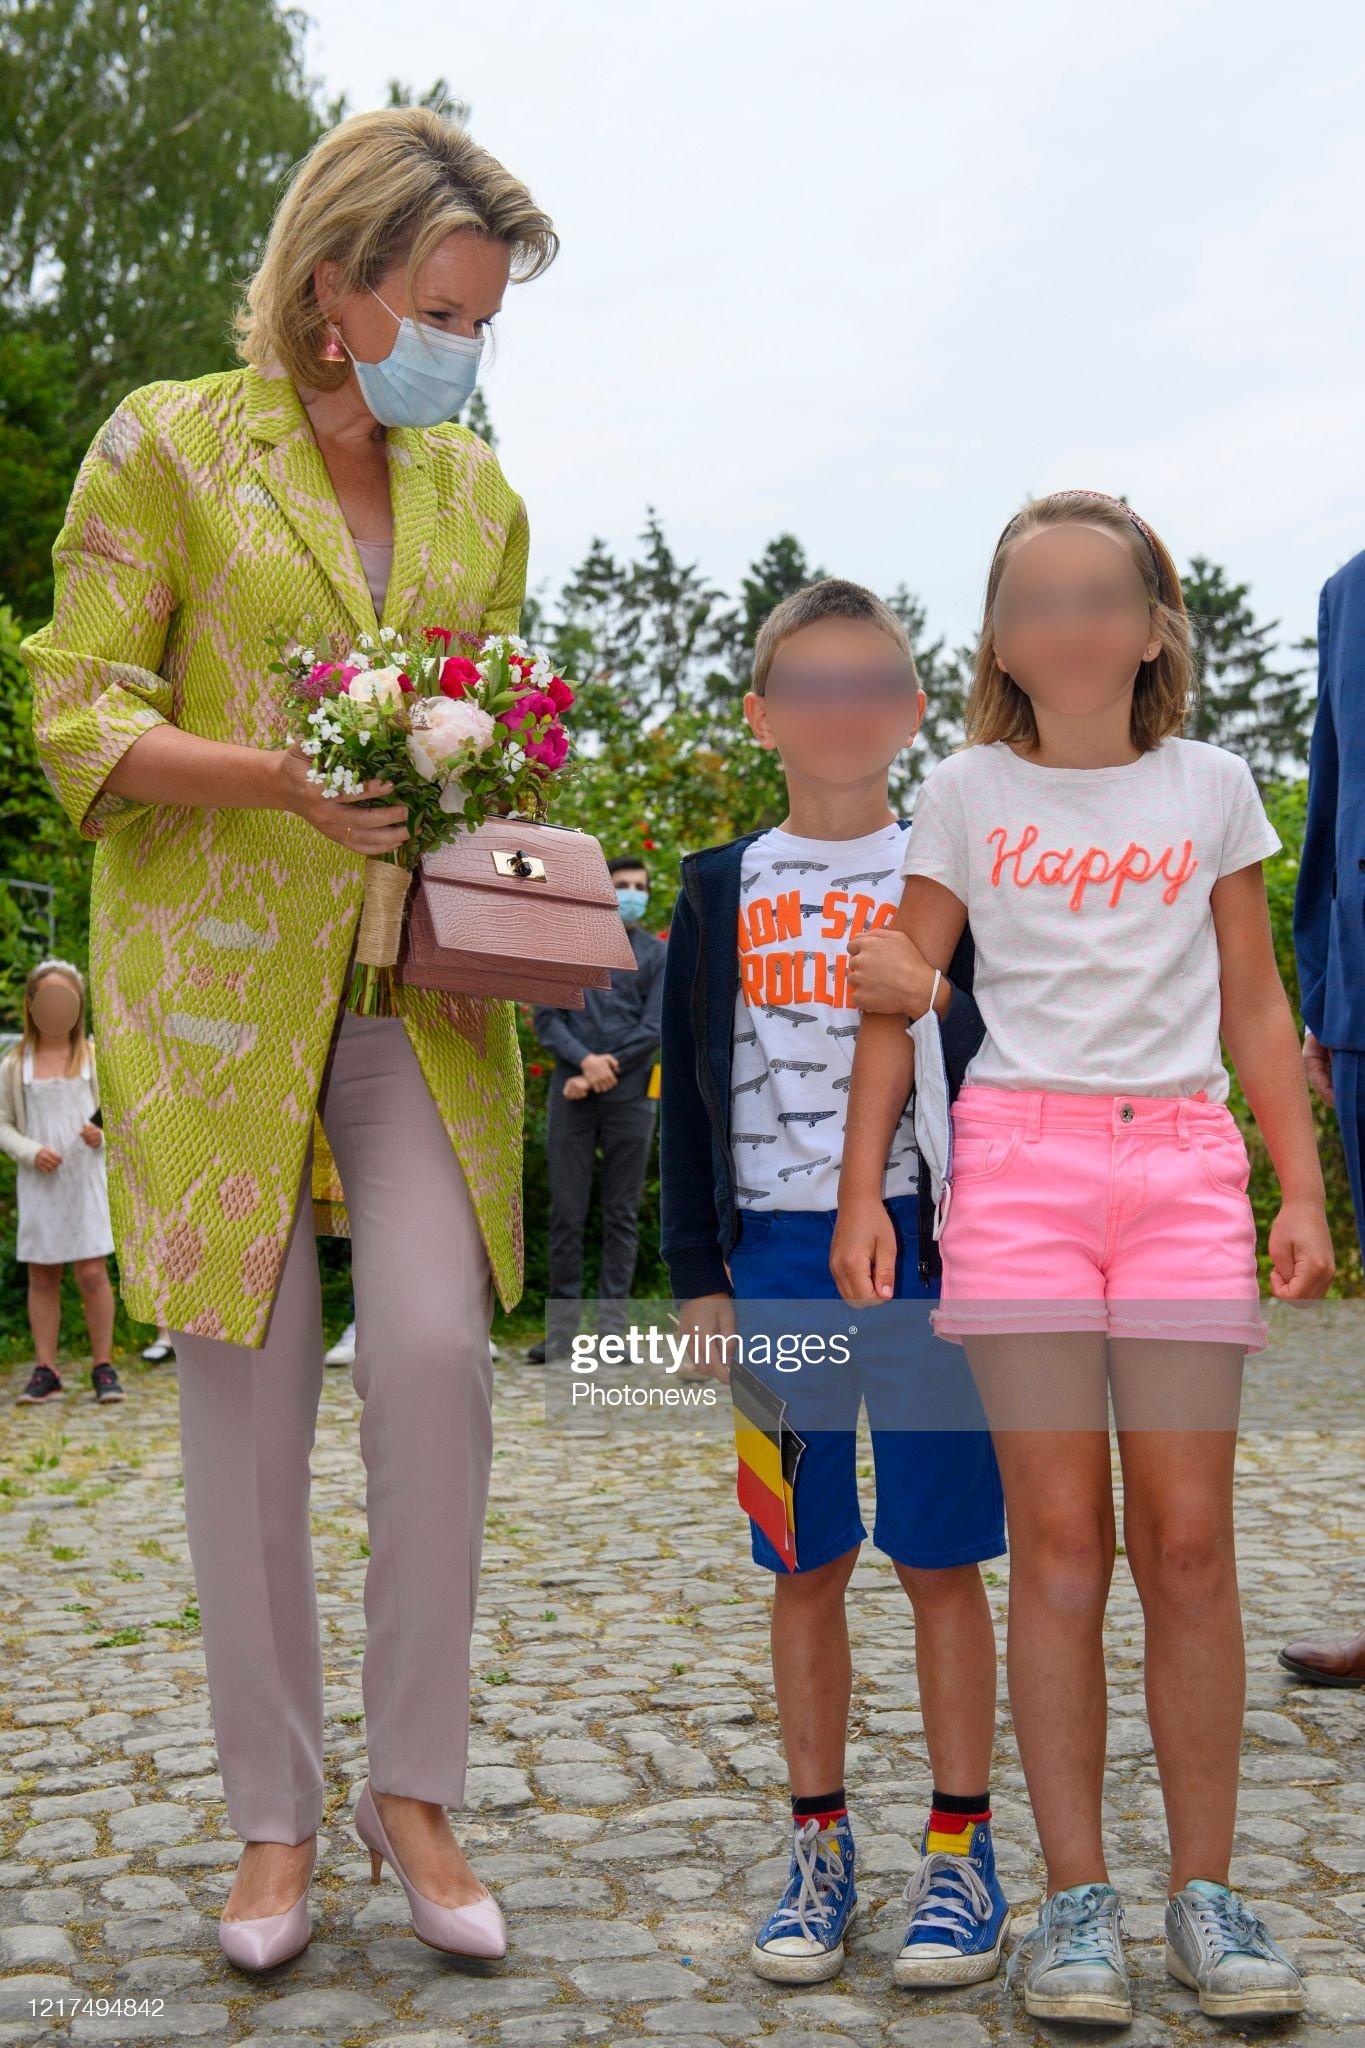 https://media.gettyimages.com/photos/mathilde-queen-of-belgium-visits-la-bane-on-june-04-2020-in-belgium-picture-id1217494842?s=2048x2048